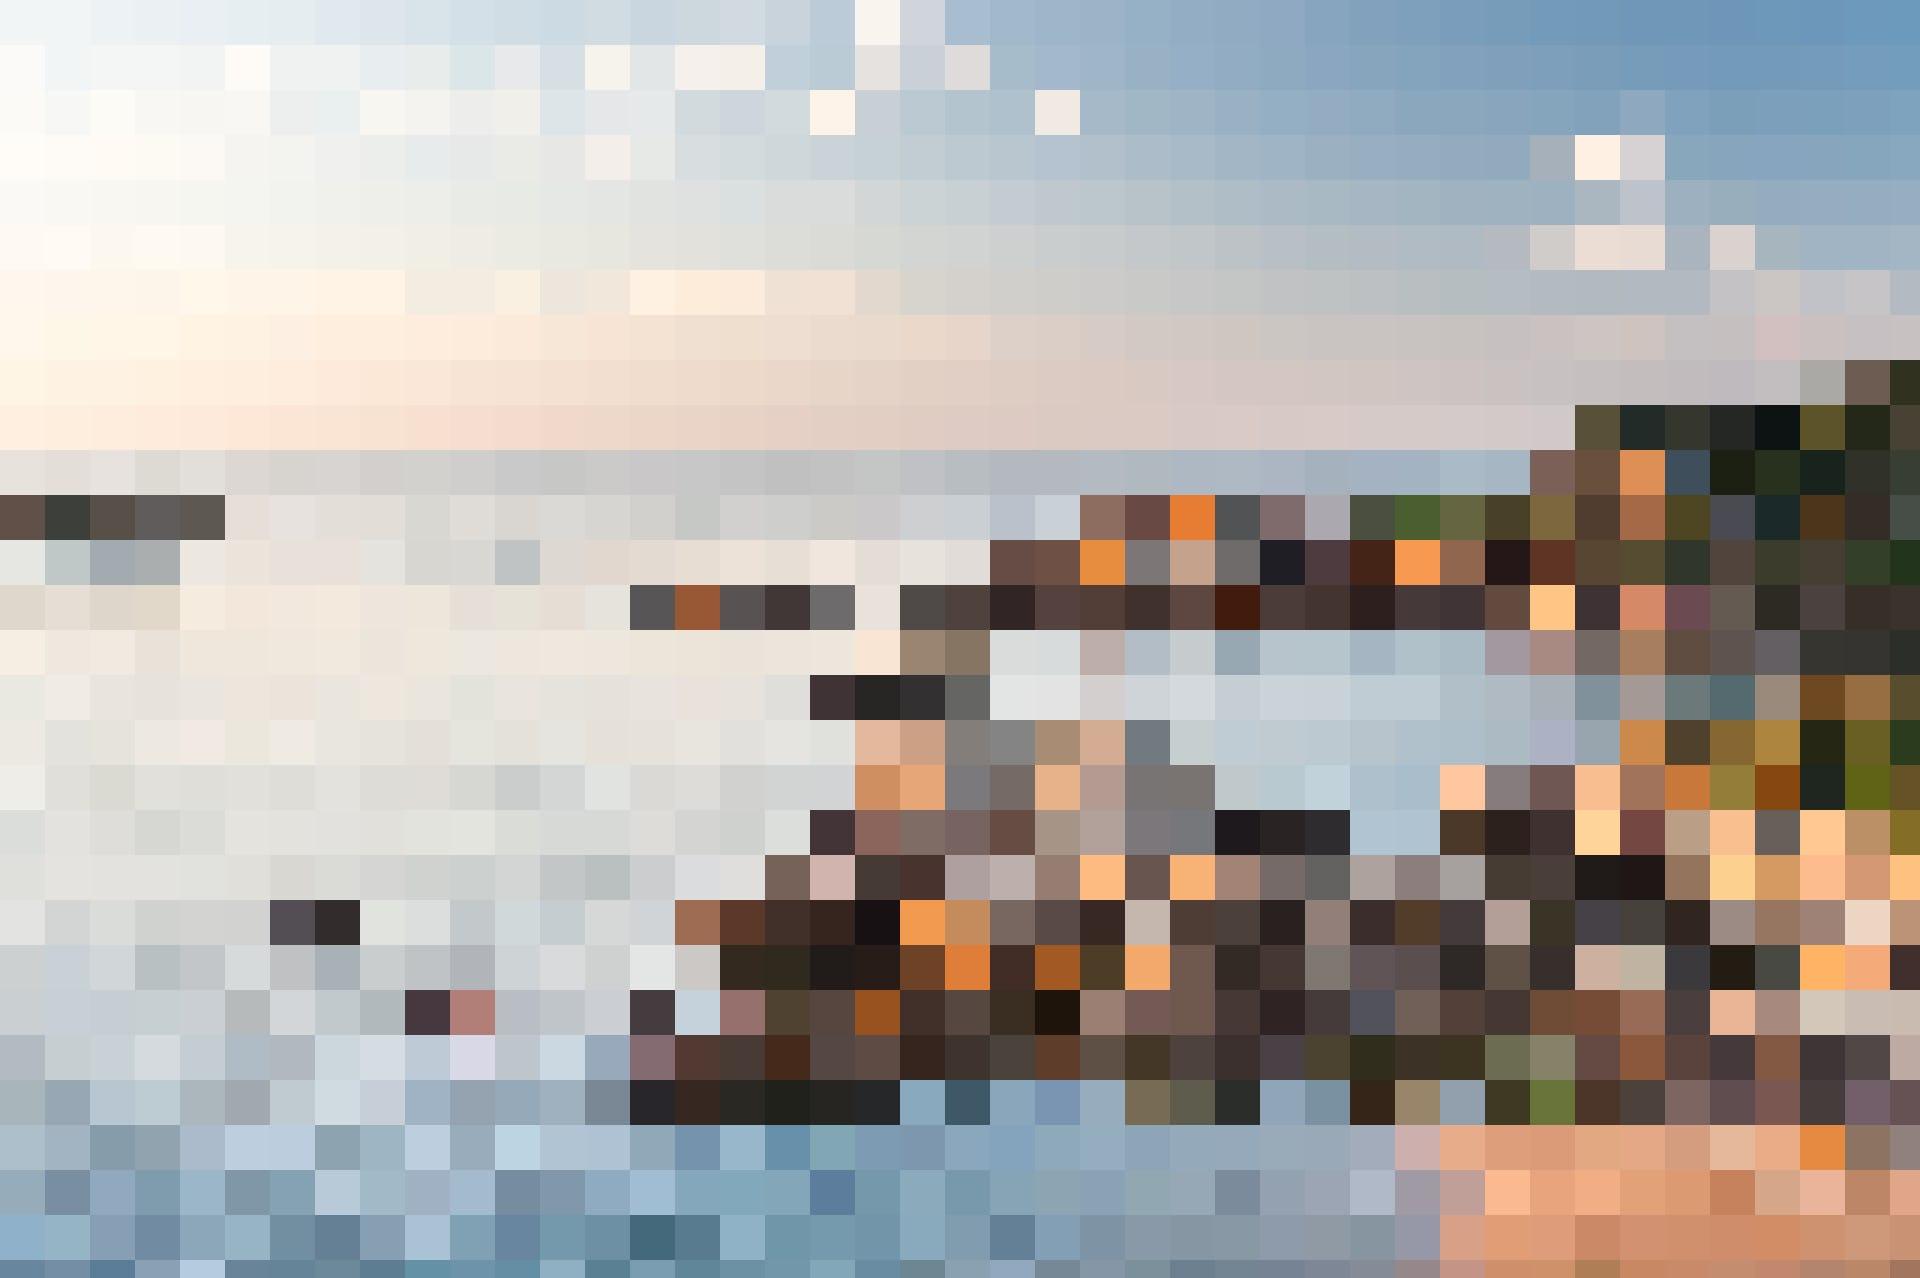 Sautez dans un avion ou un train et venez admirer l'horizon dans cette merveilleuse région qu'est la Bretagne.